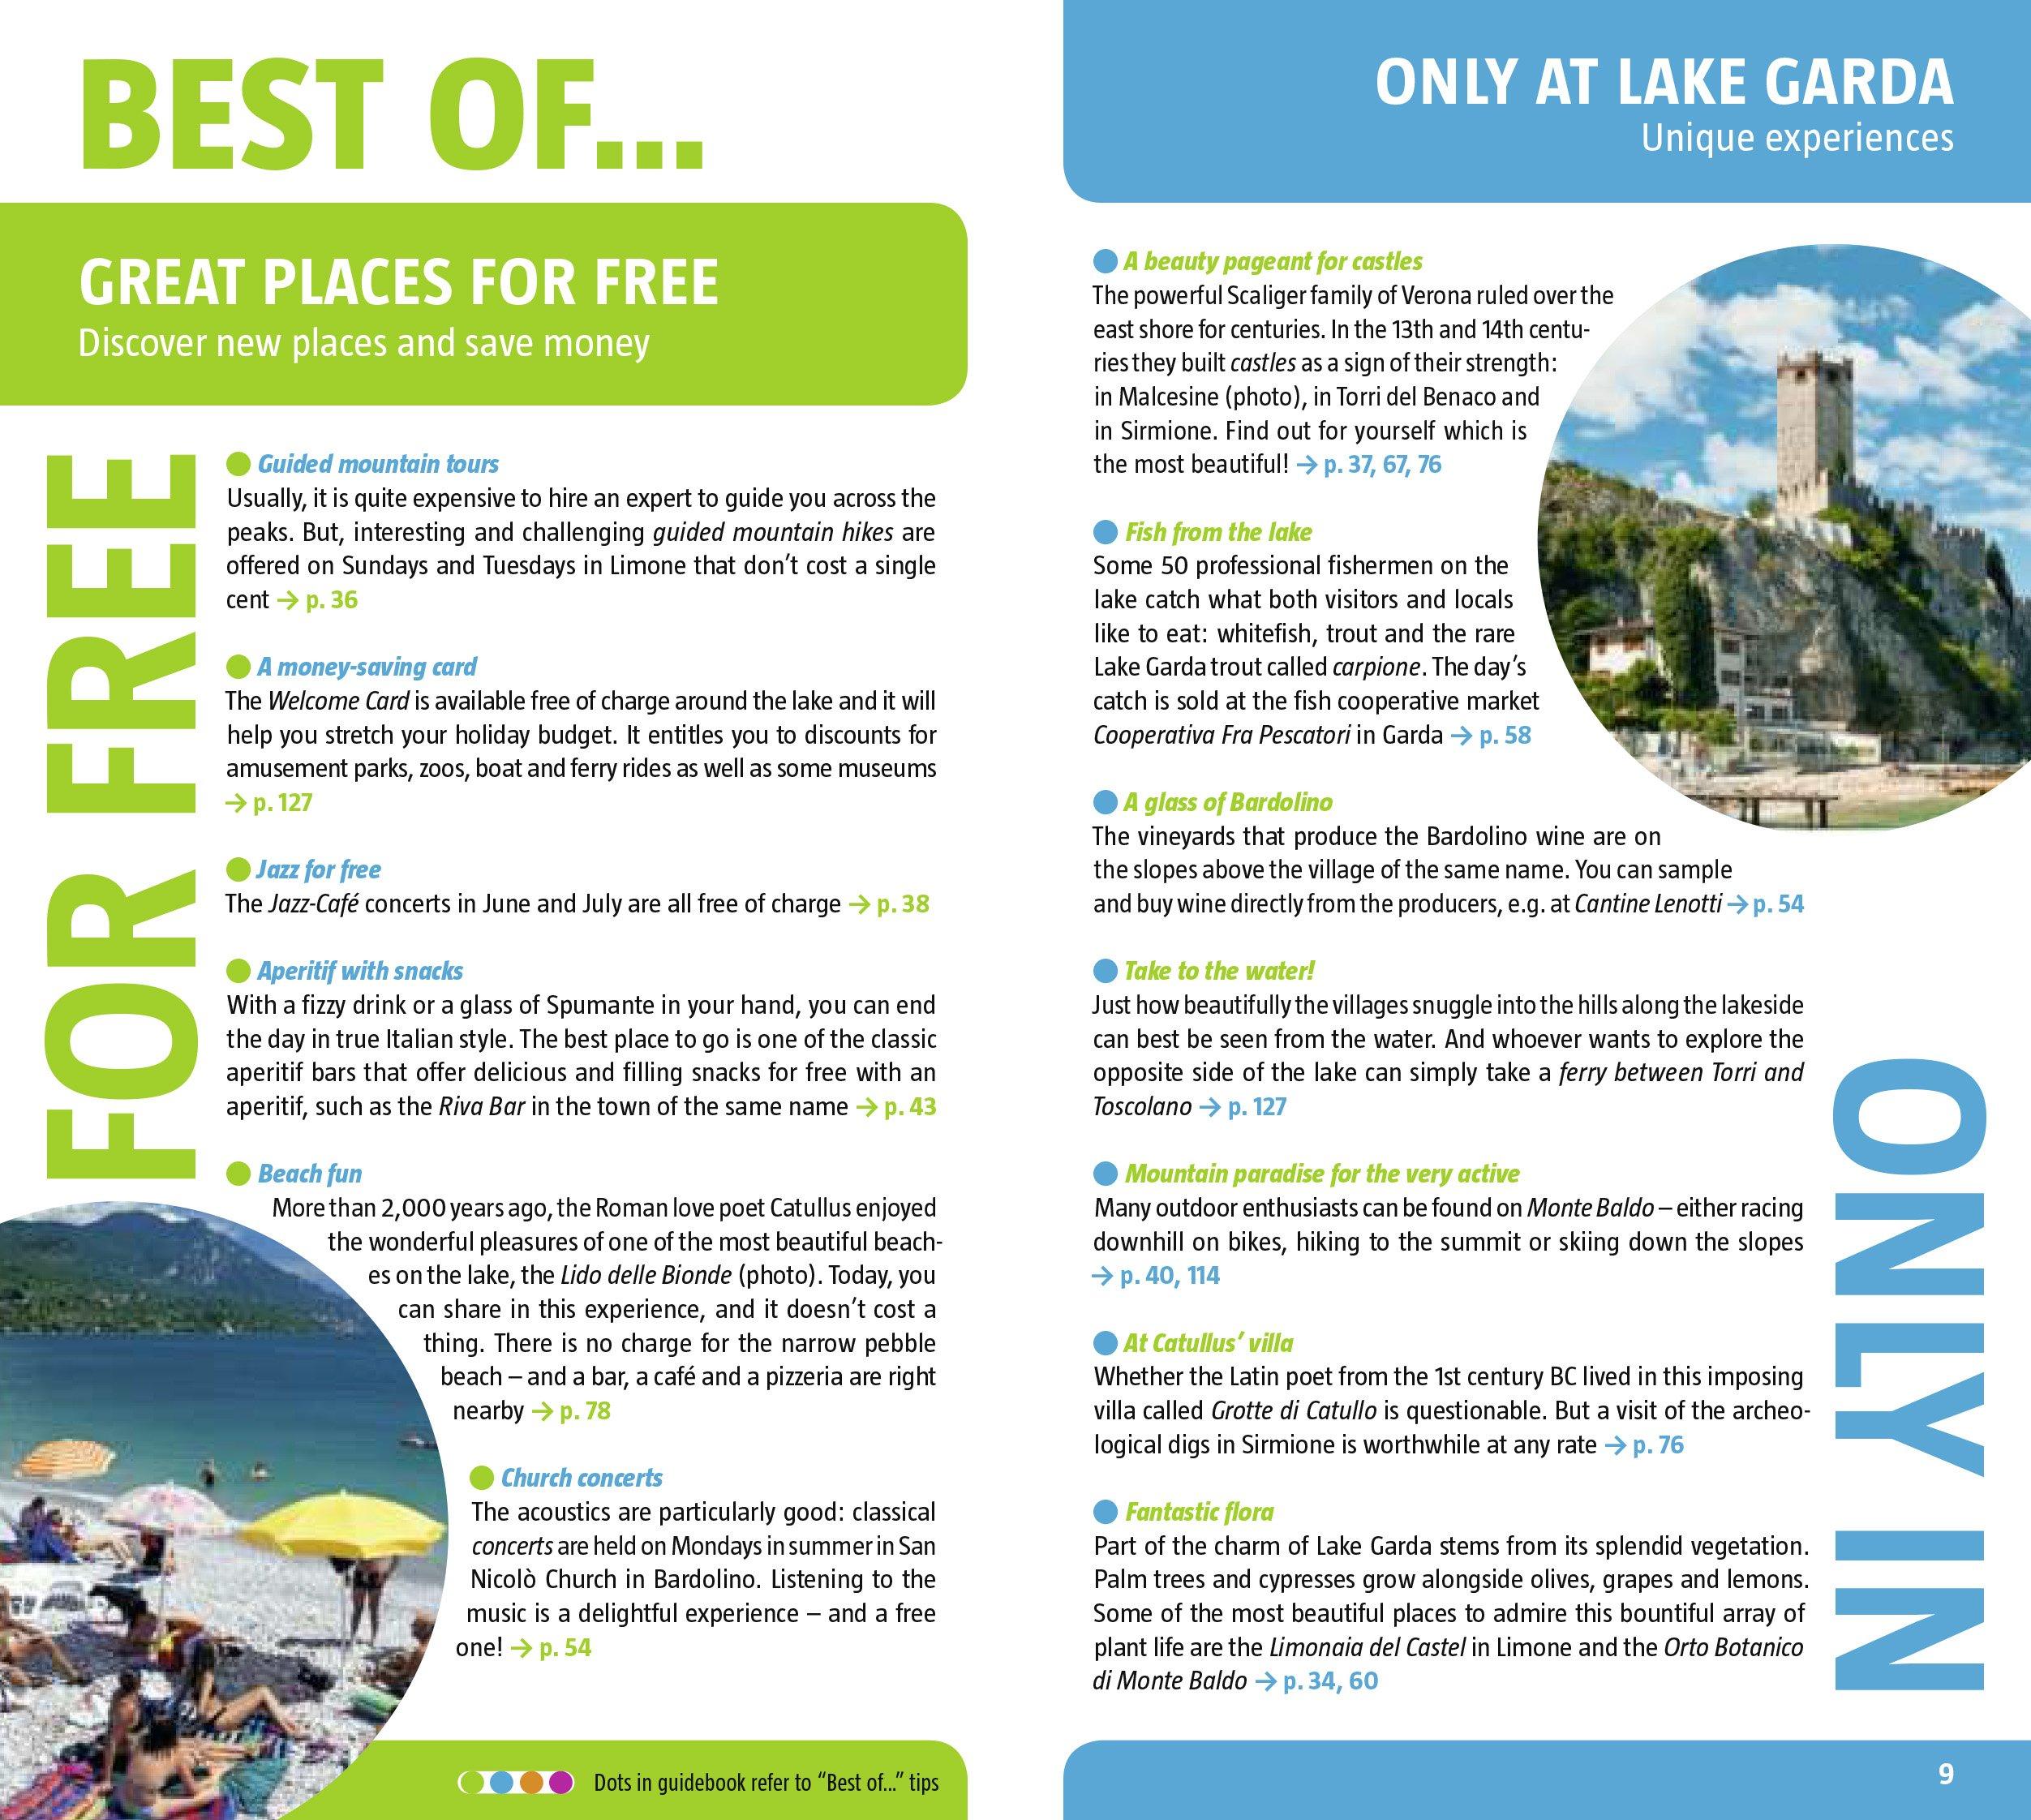 8e0b924d67d82 Lake Garda Marco Polo Pocket Guide (Marco Polo Travel Guides)   Amazon.co.uk  Marco Polo  8601200932324  Books